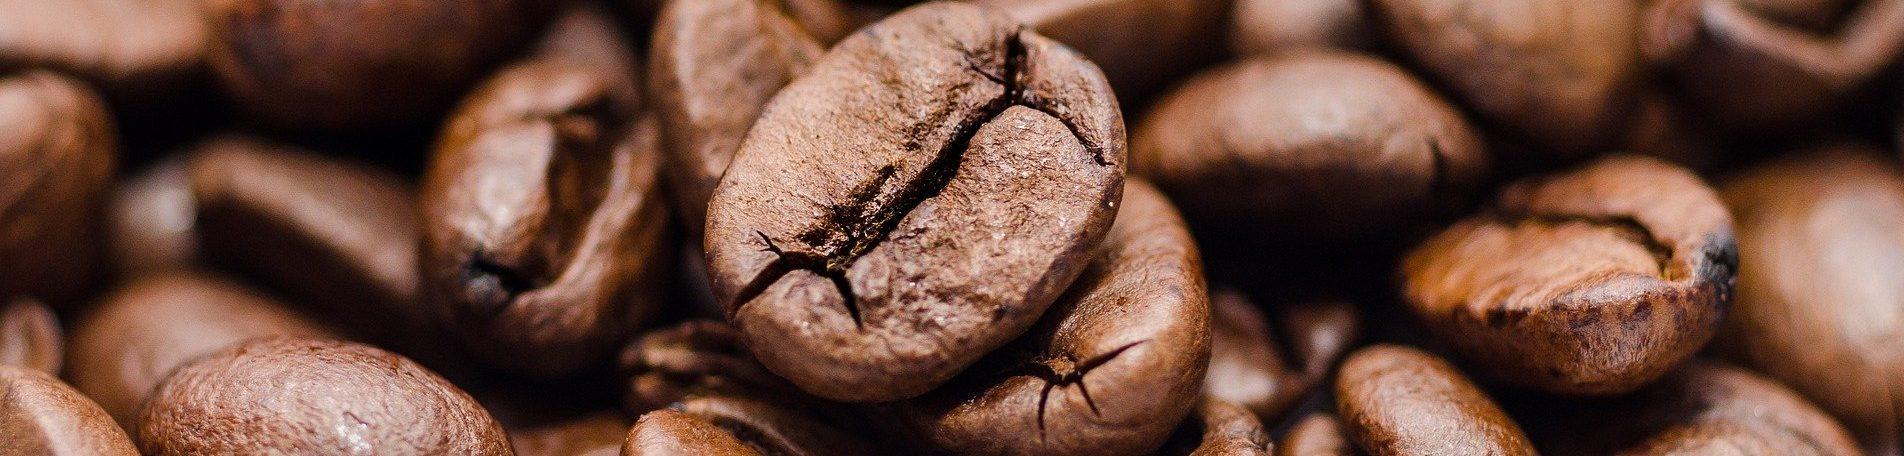 pausenkaffee